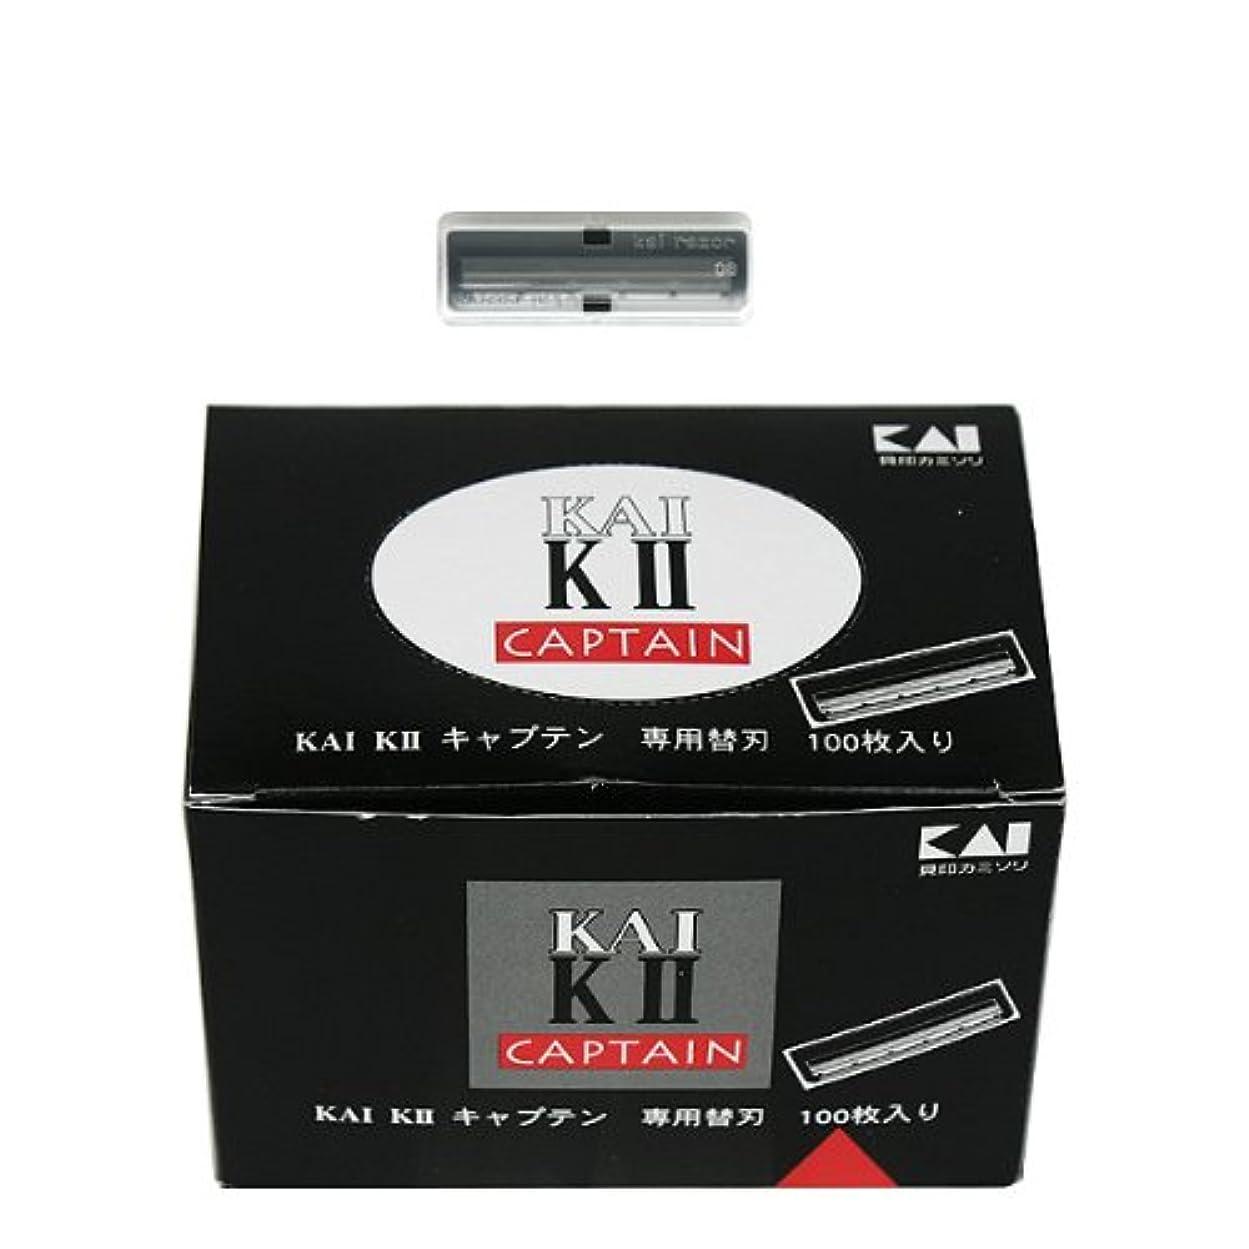 シングル薄汚い理由貝印カミソリ KAI K2キャプテン 専用替刃 BーCAP 100枚入